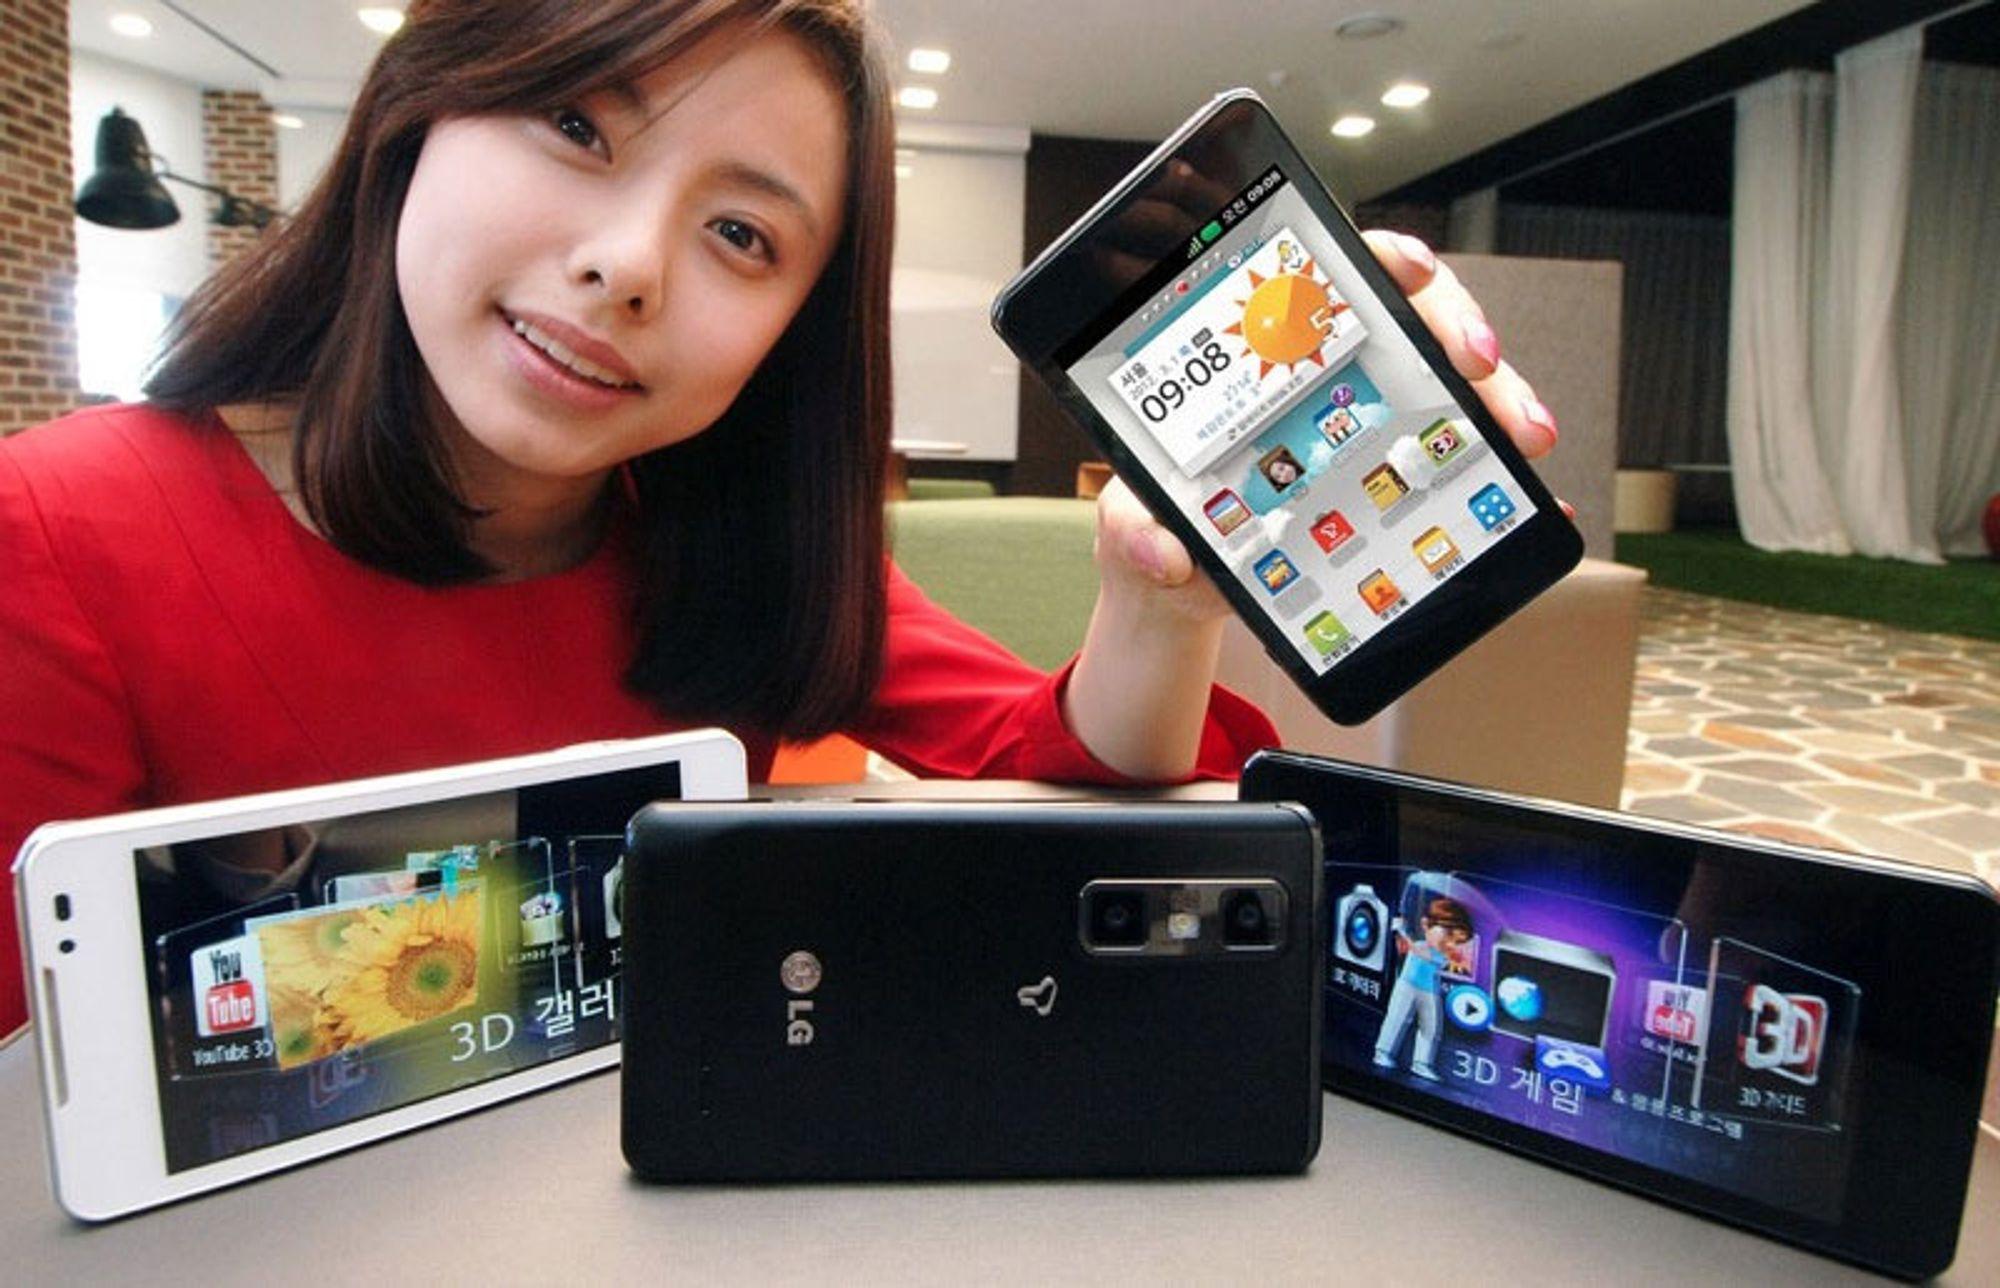 LG lanserer Optimus 3D Max